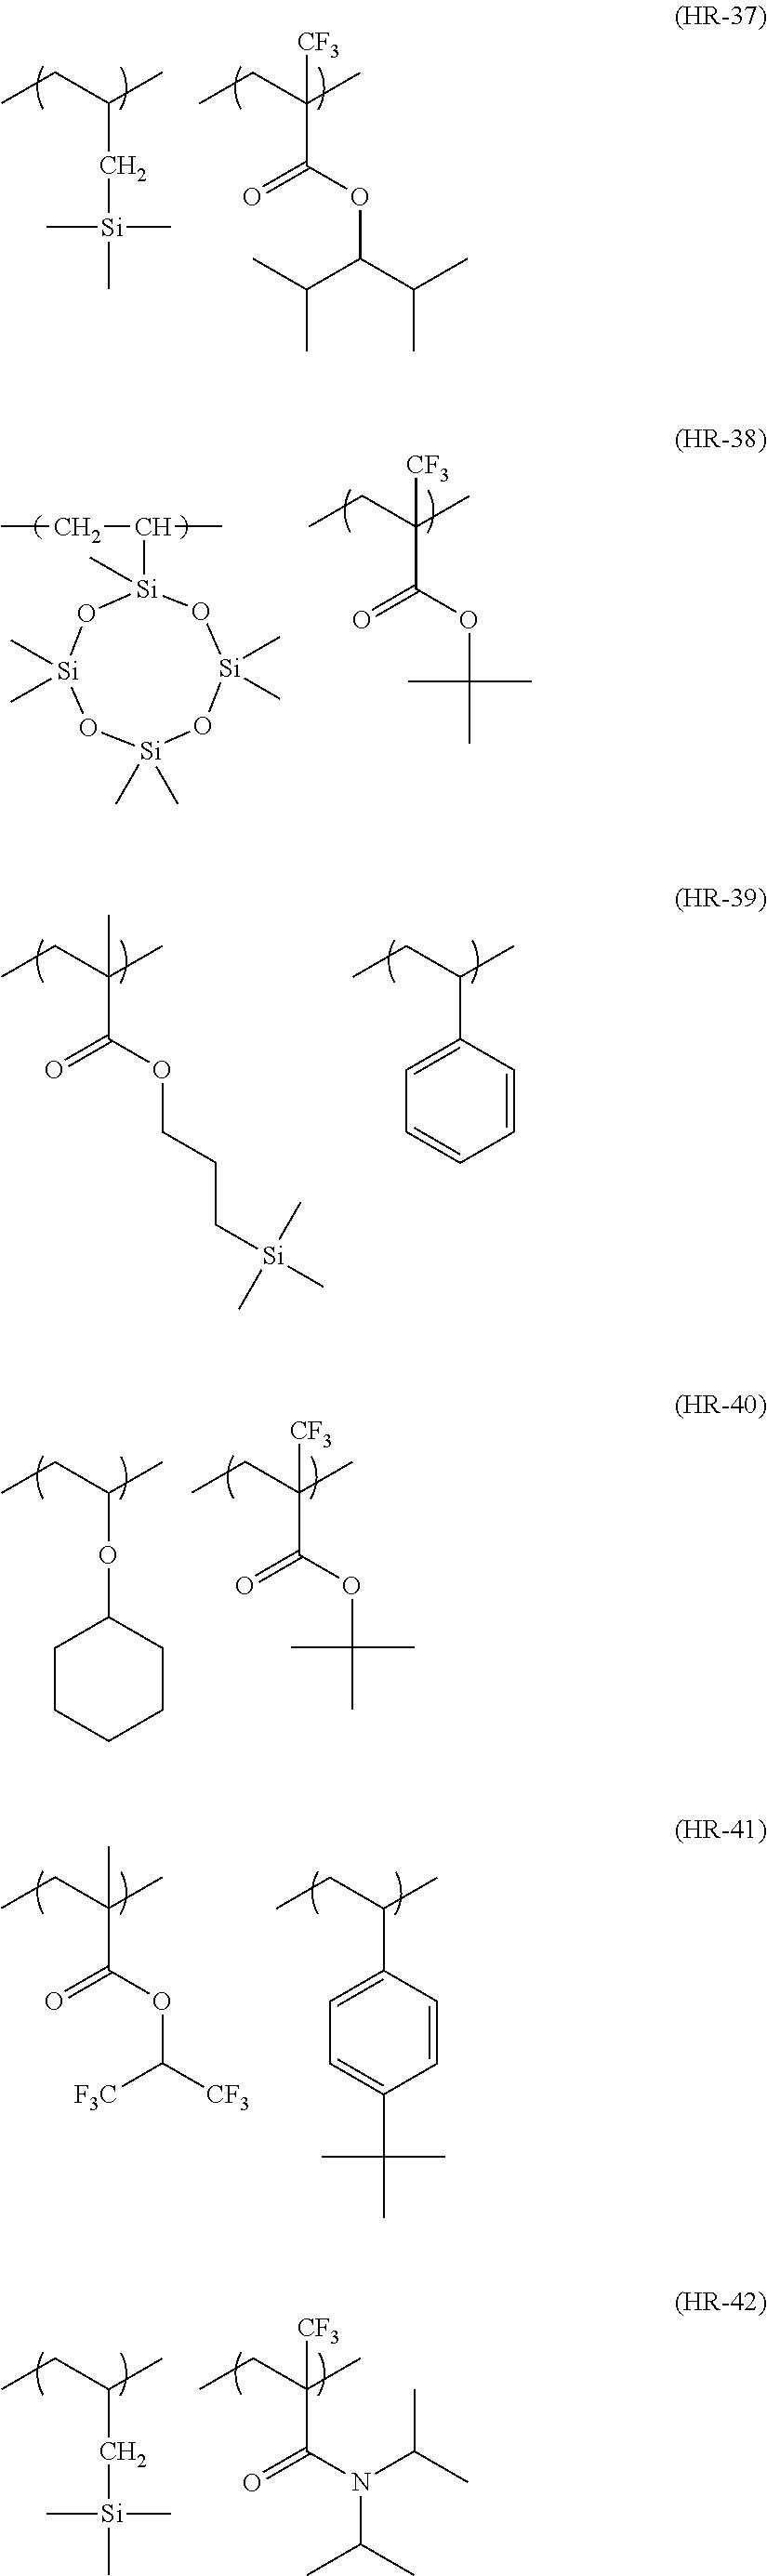 Figure US20110183258A1-20110728-C00119